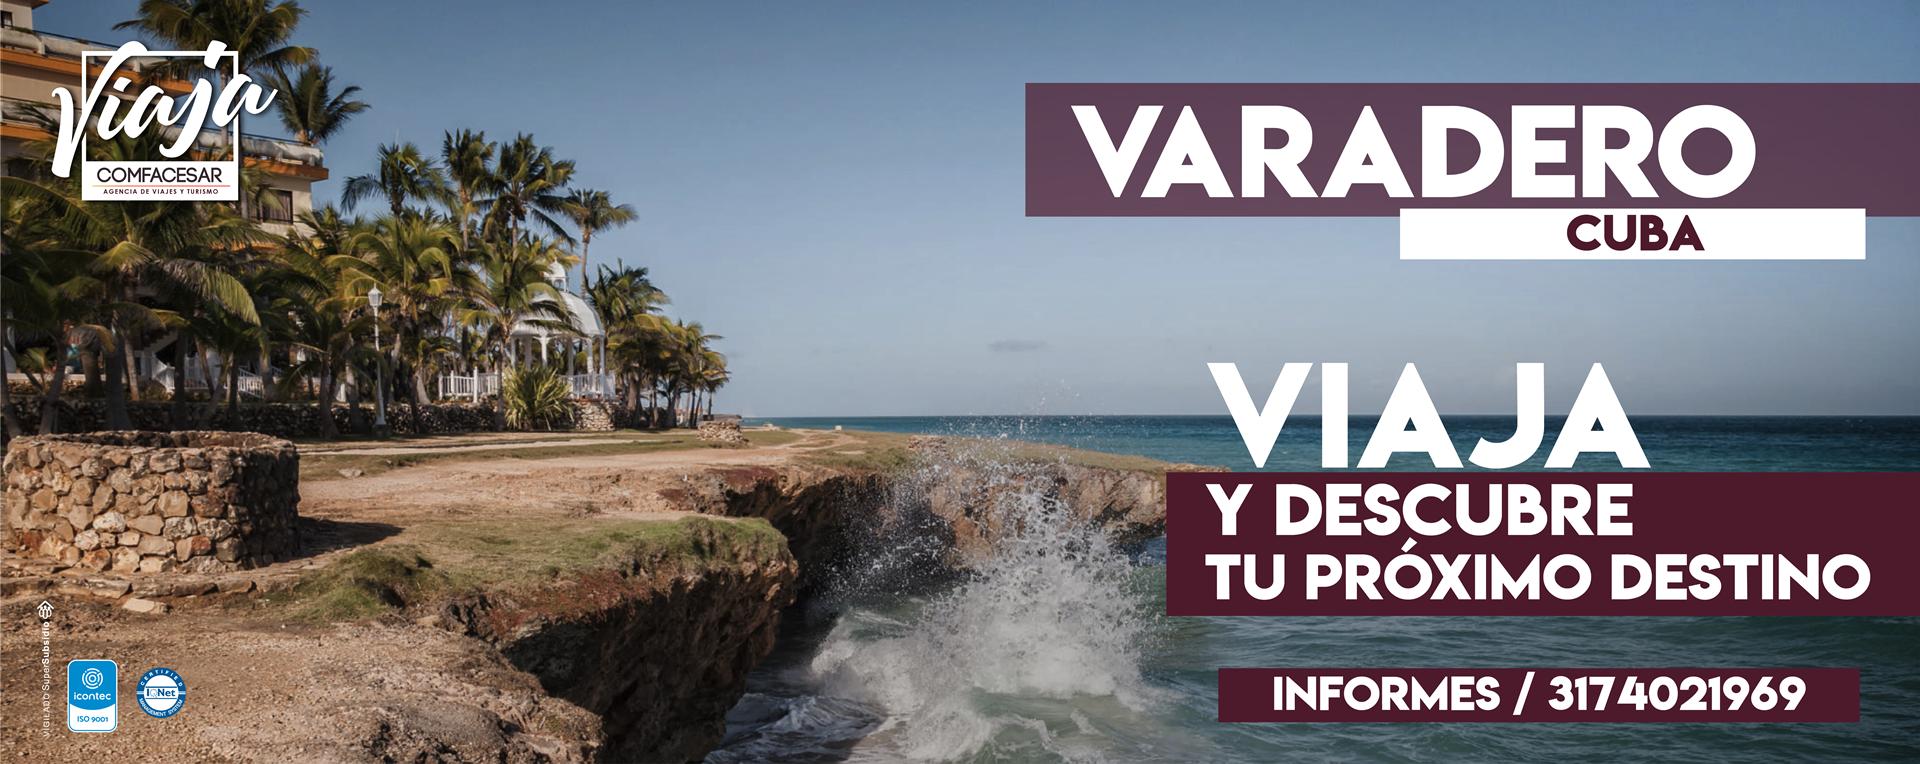 Varadero-Cuba